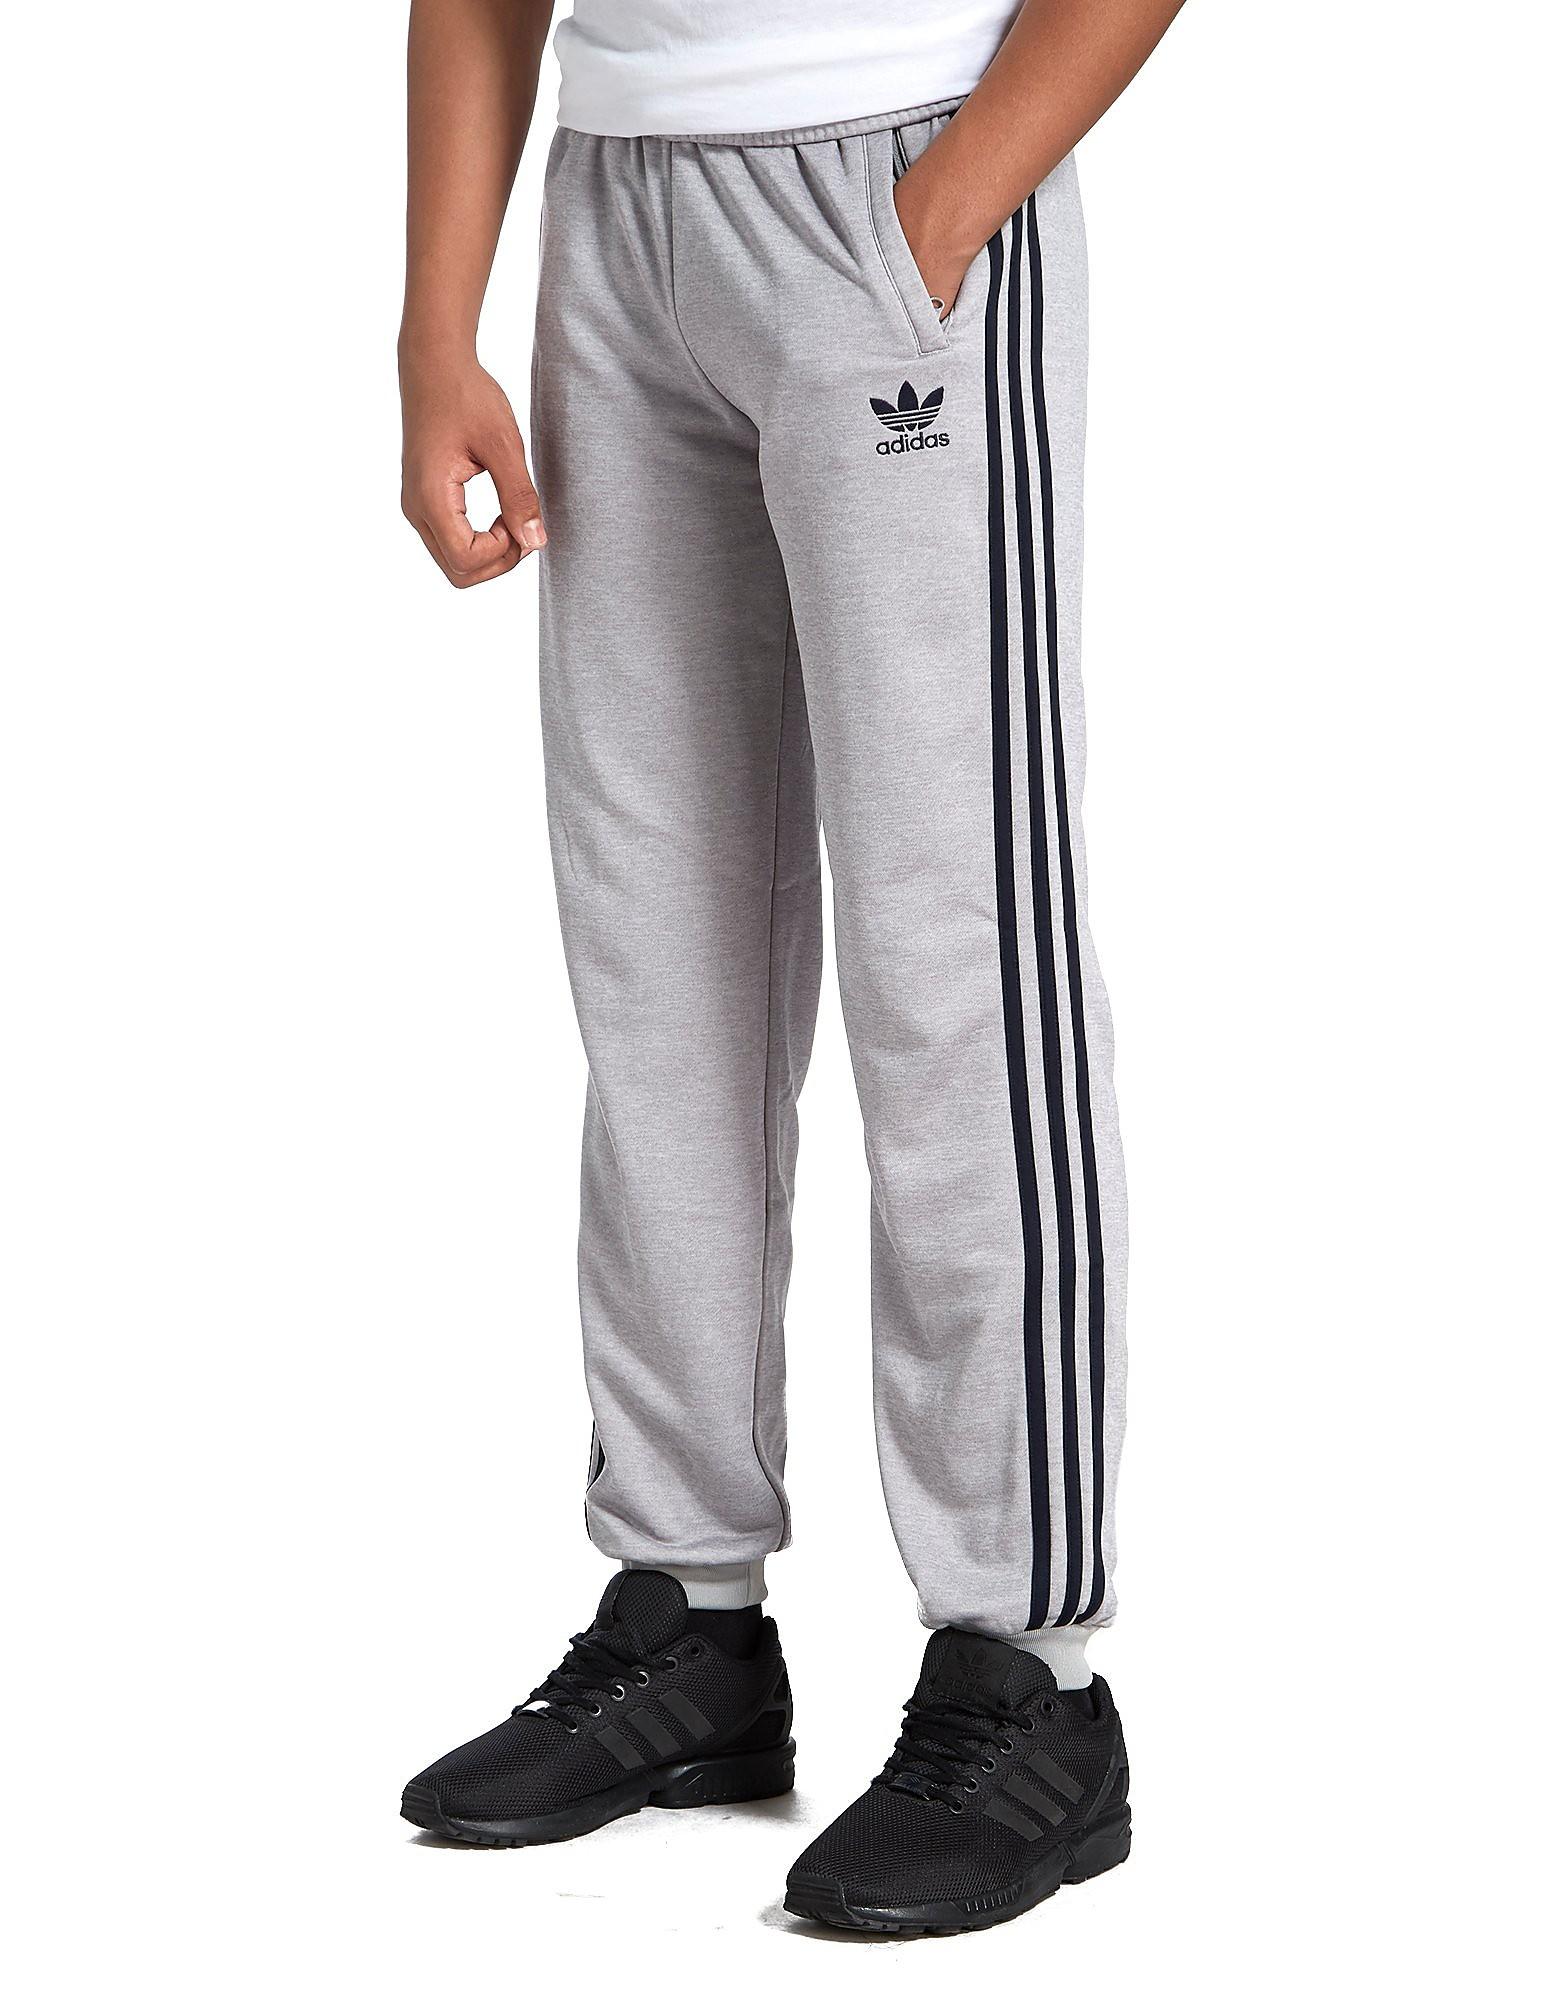 Image de adidas Enfant - Grey/Navy, Grey/Navy